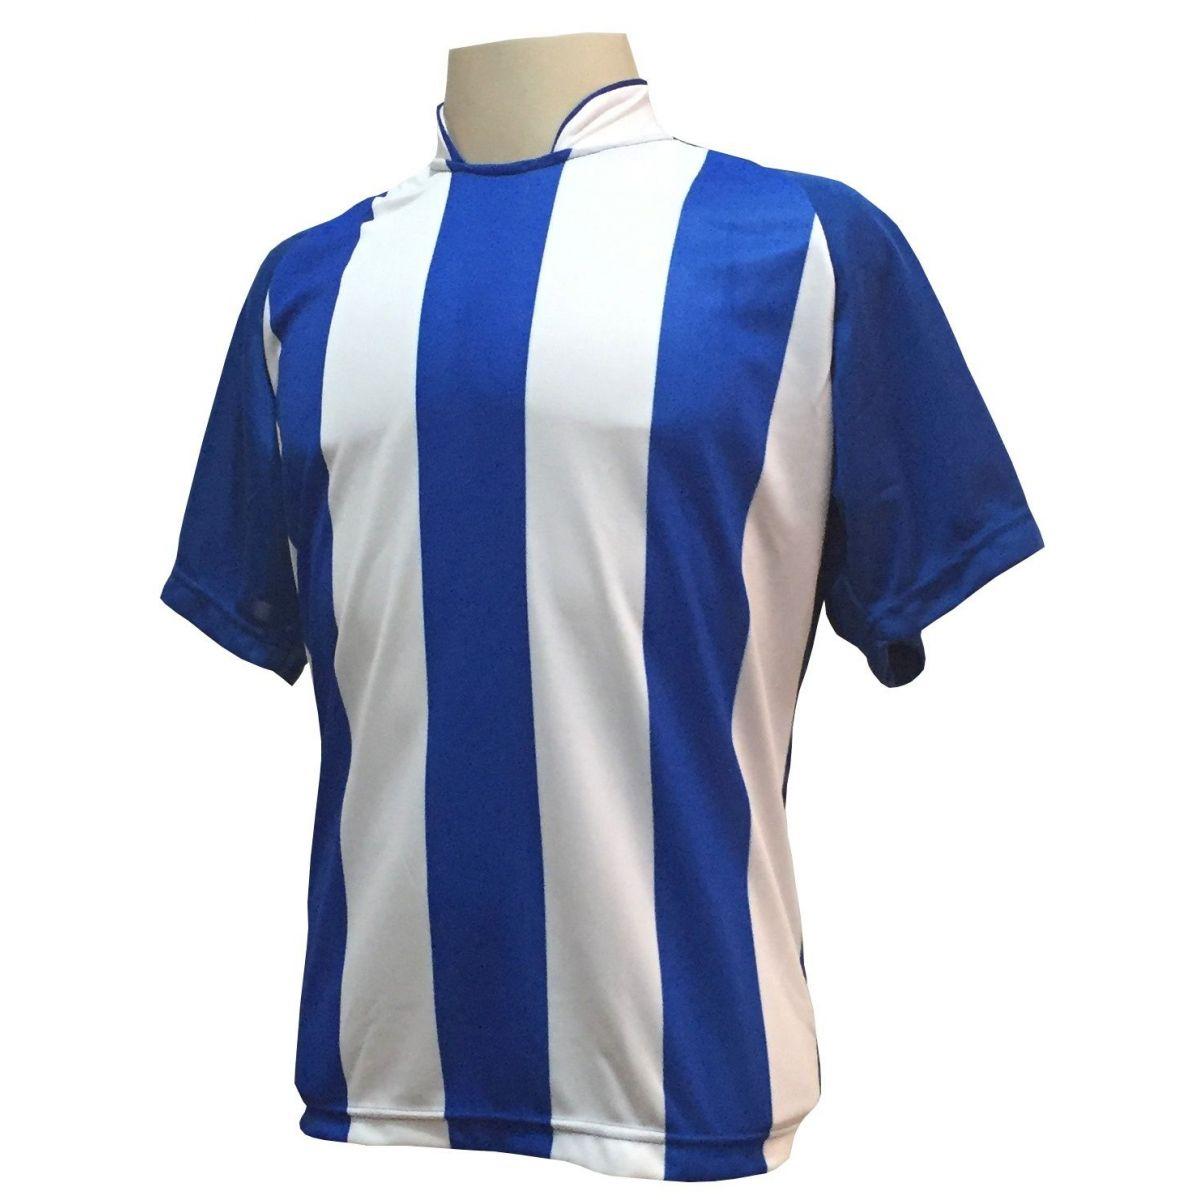 Uniforme Esportivo com 12 Camisas modelo Milan Royal/Branco + 12 Calções modelo Madrid Branco + 12 Pares de meiões Branco  - ESTAÇÃO DO ESPORTE